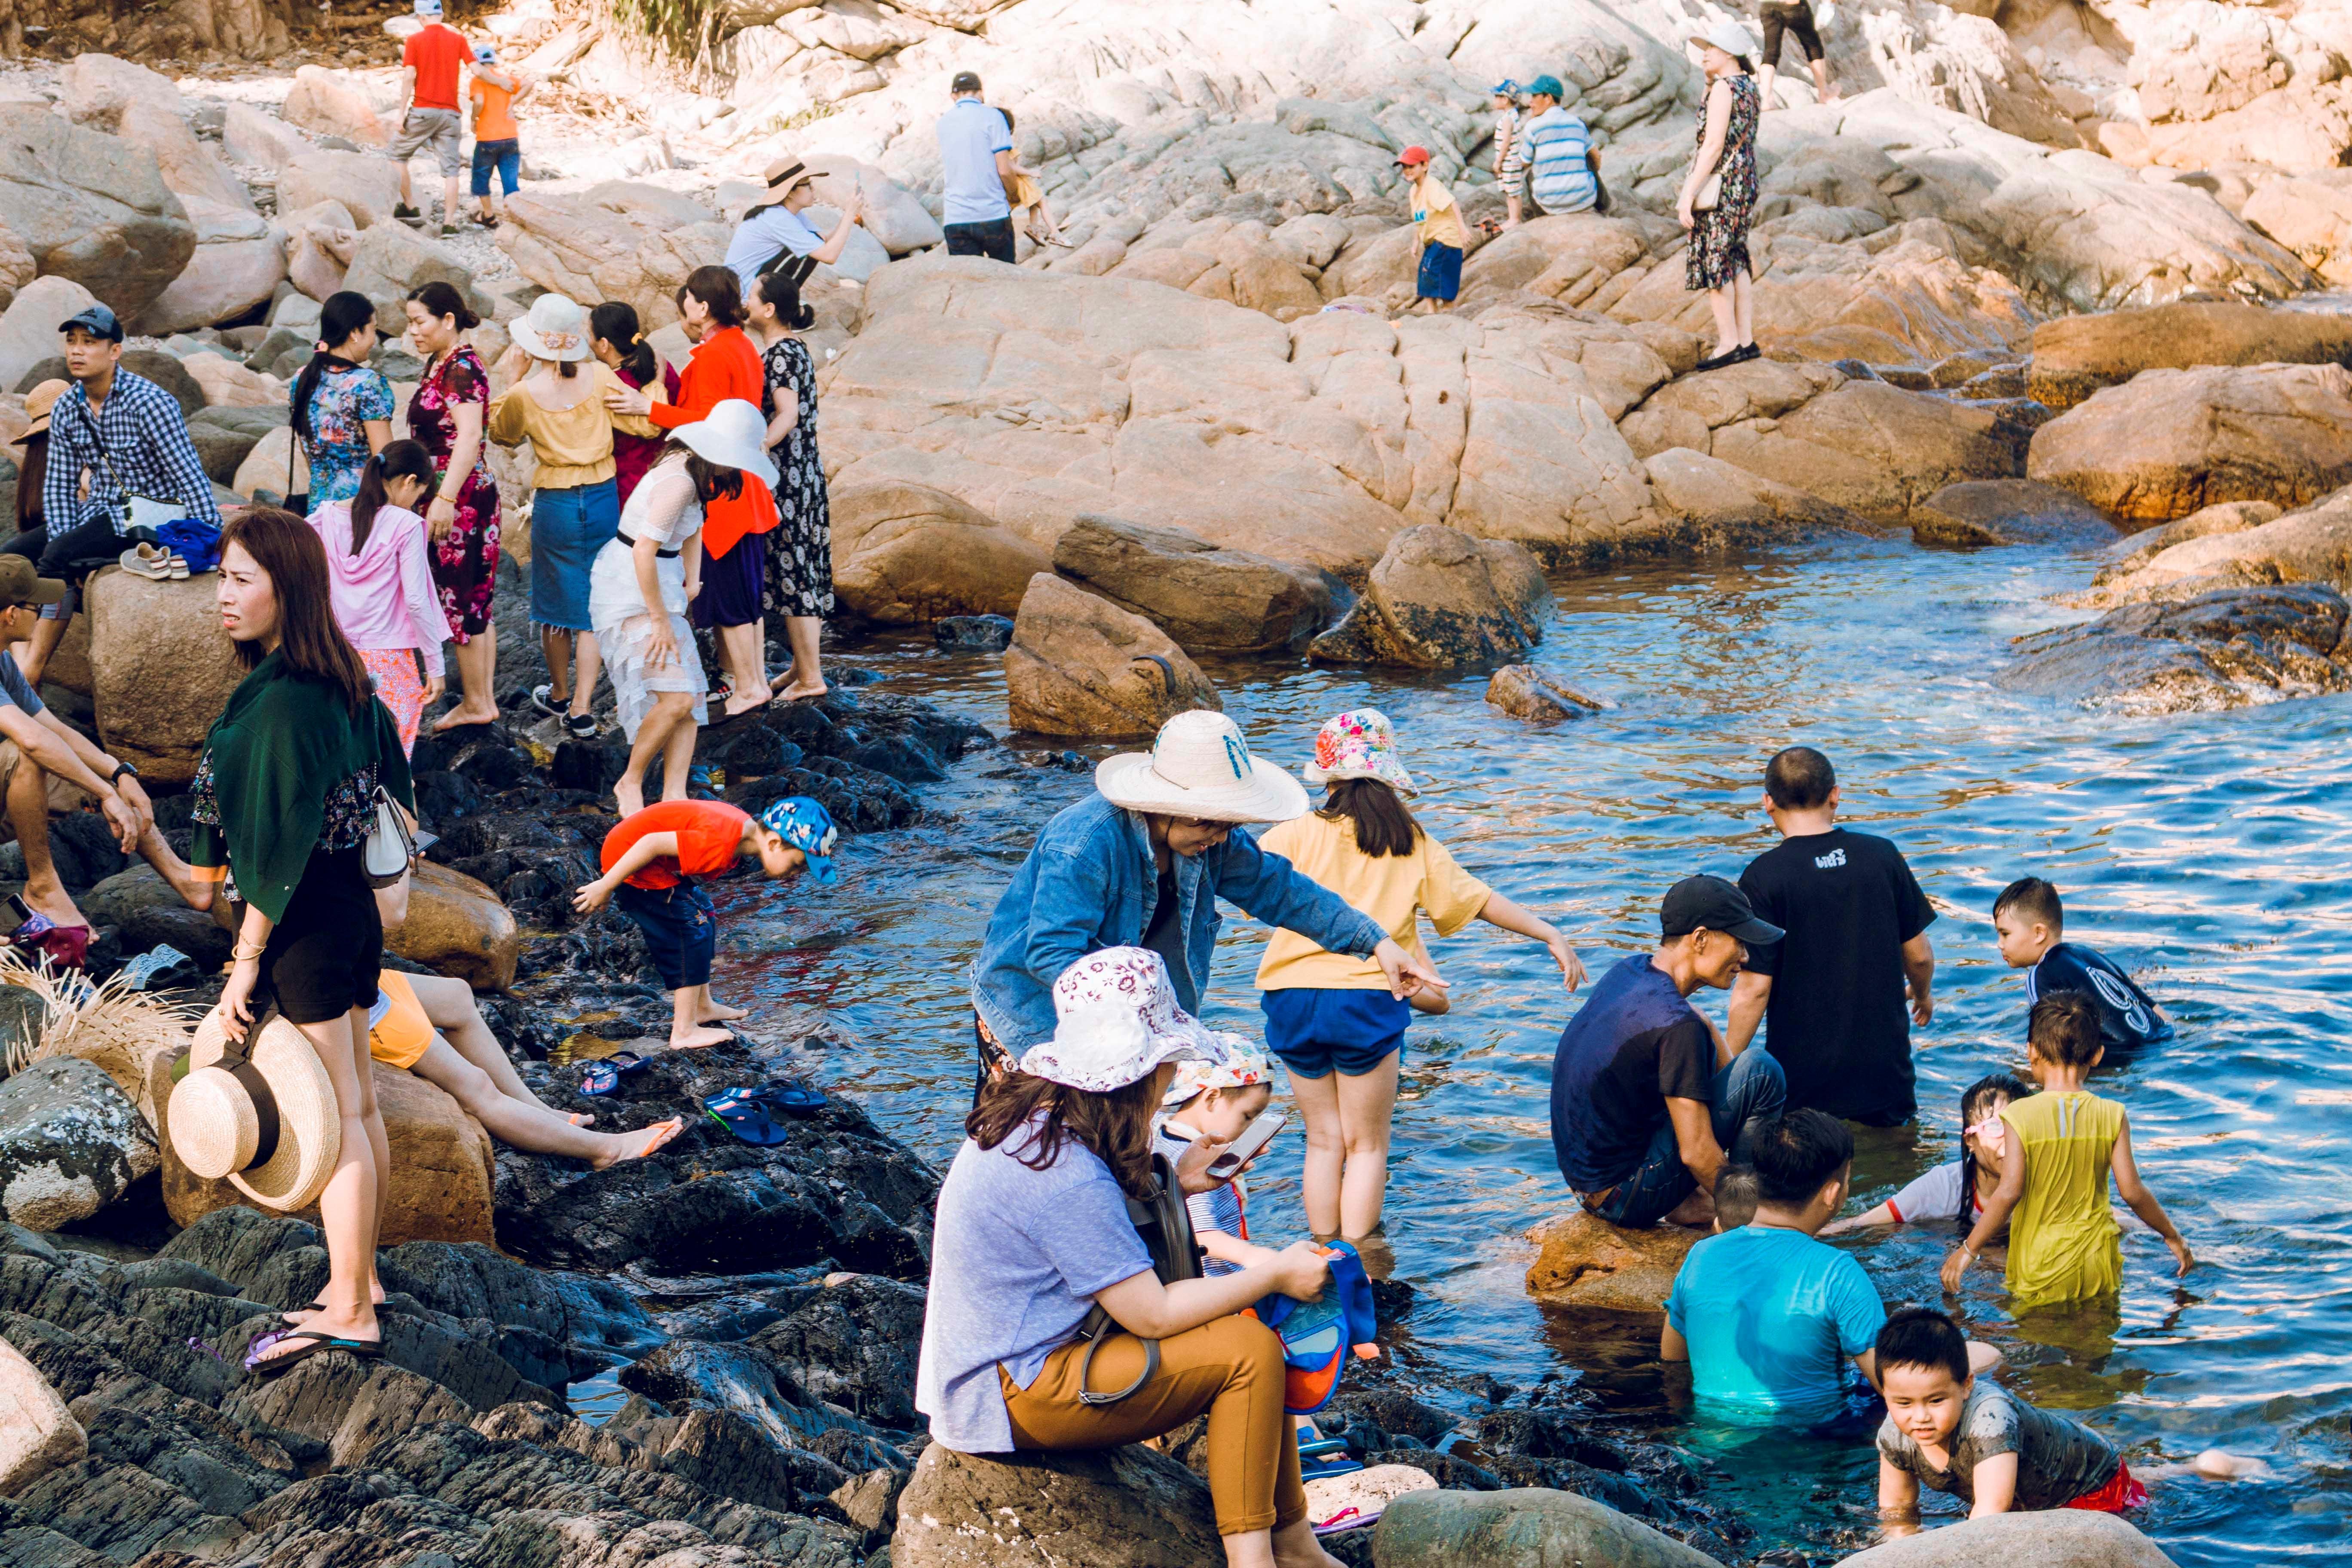 Gành Đá Đĩa đông đúc, hút khách giải nhiệt dịp nghỉ lễ Ảnh 4